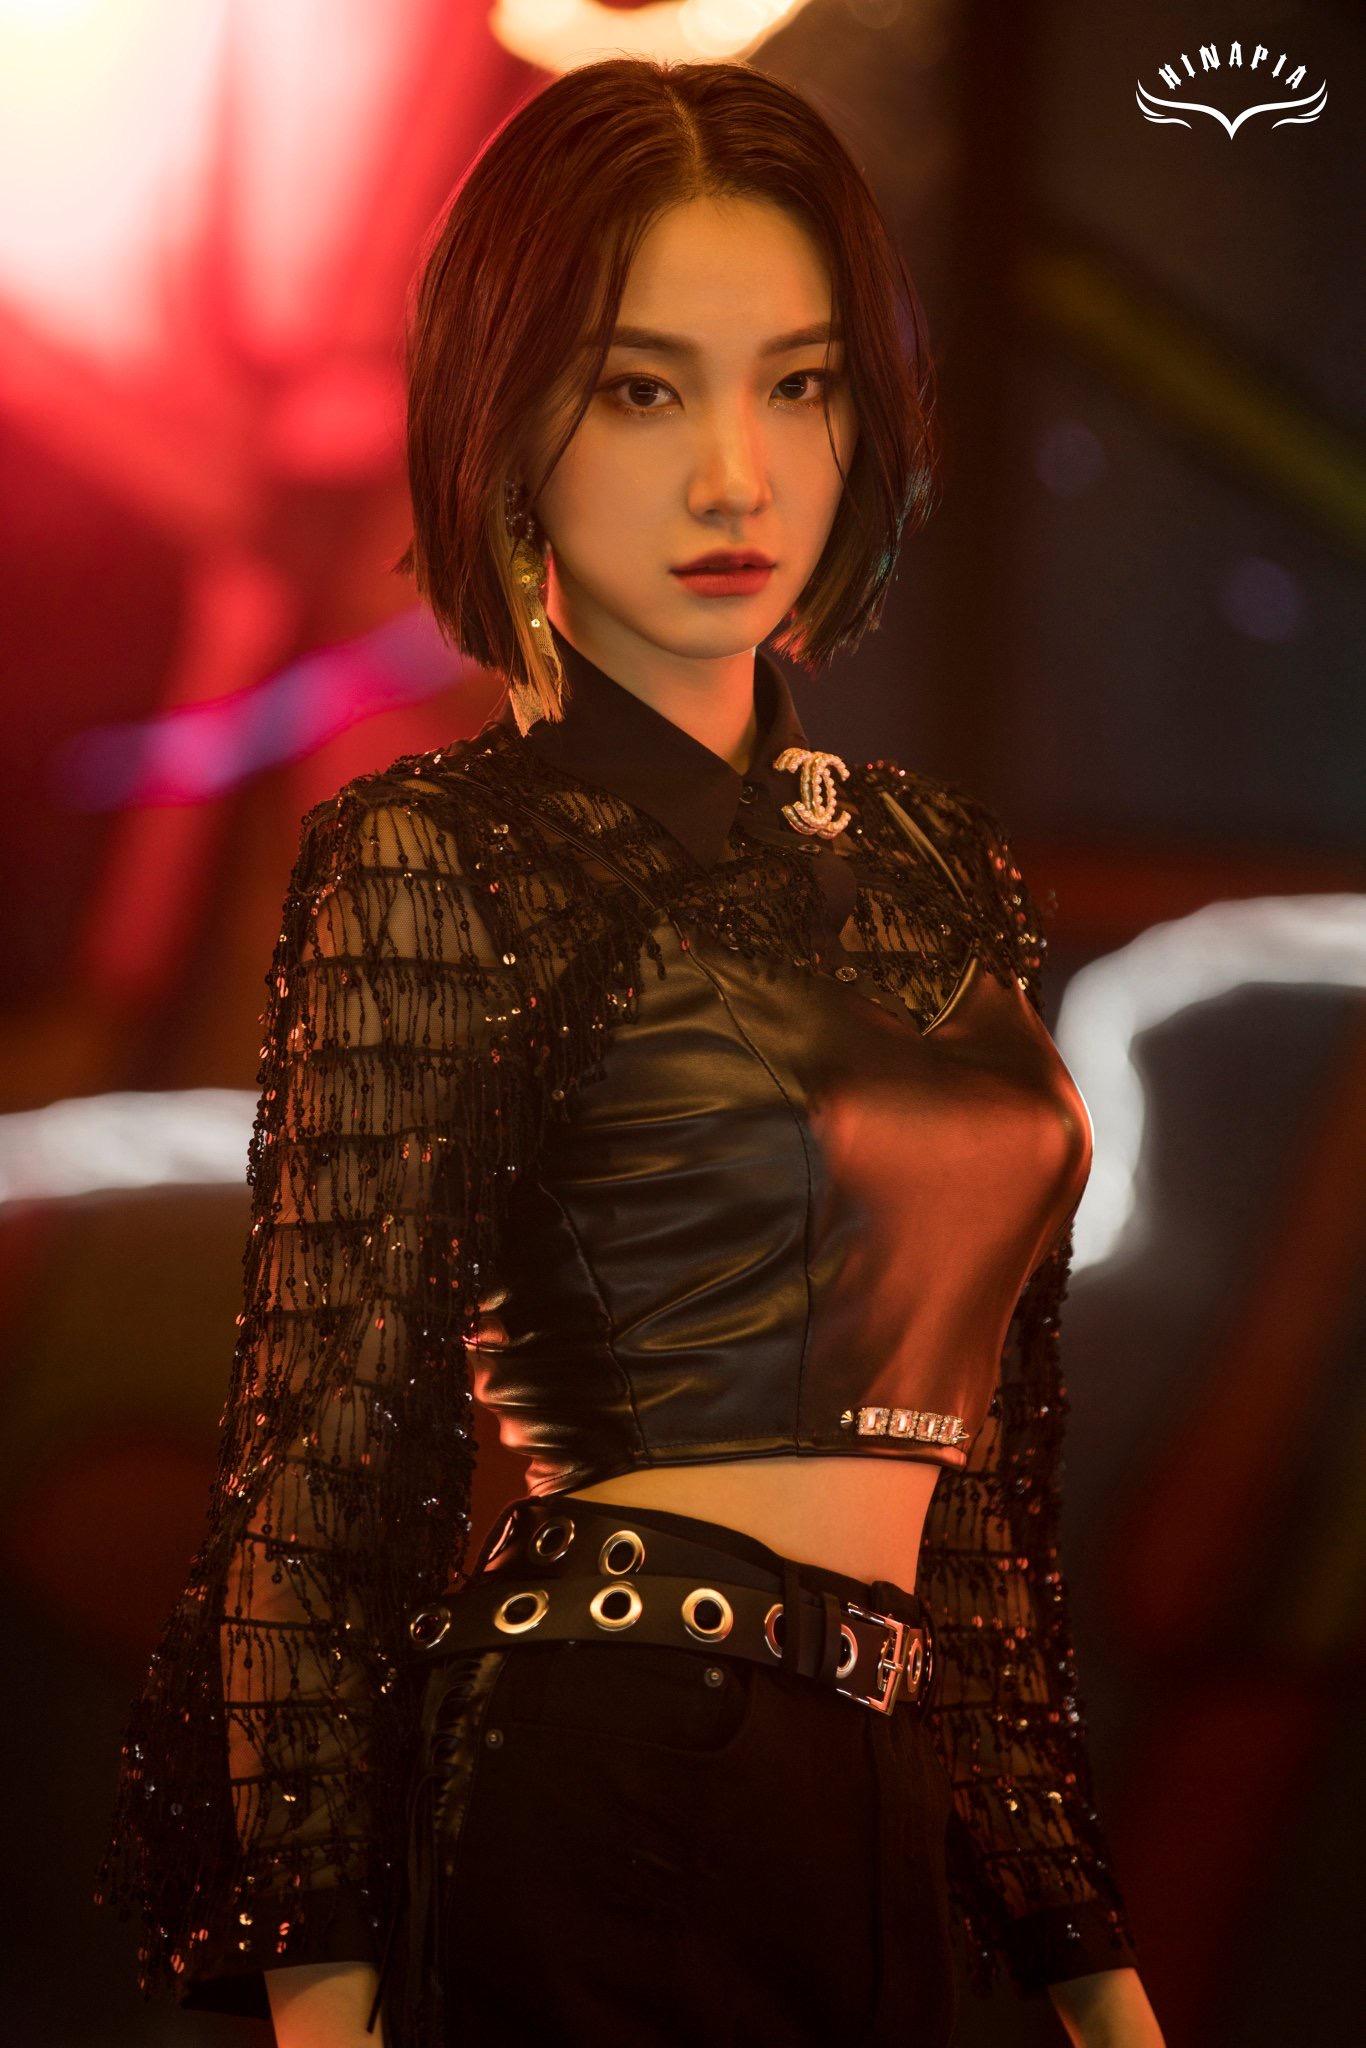 HINAPIA金珉炅公开出道单曲《New Start》预告图片